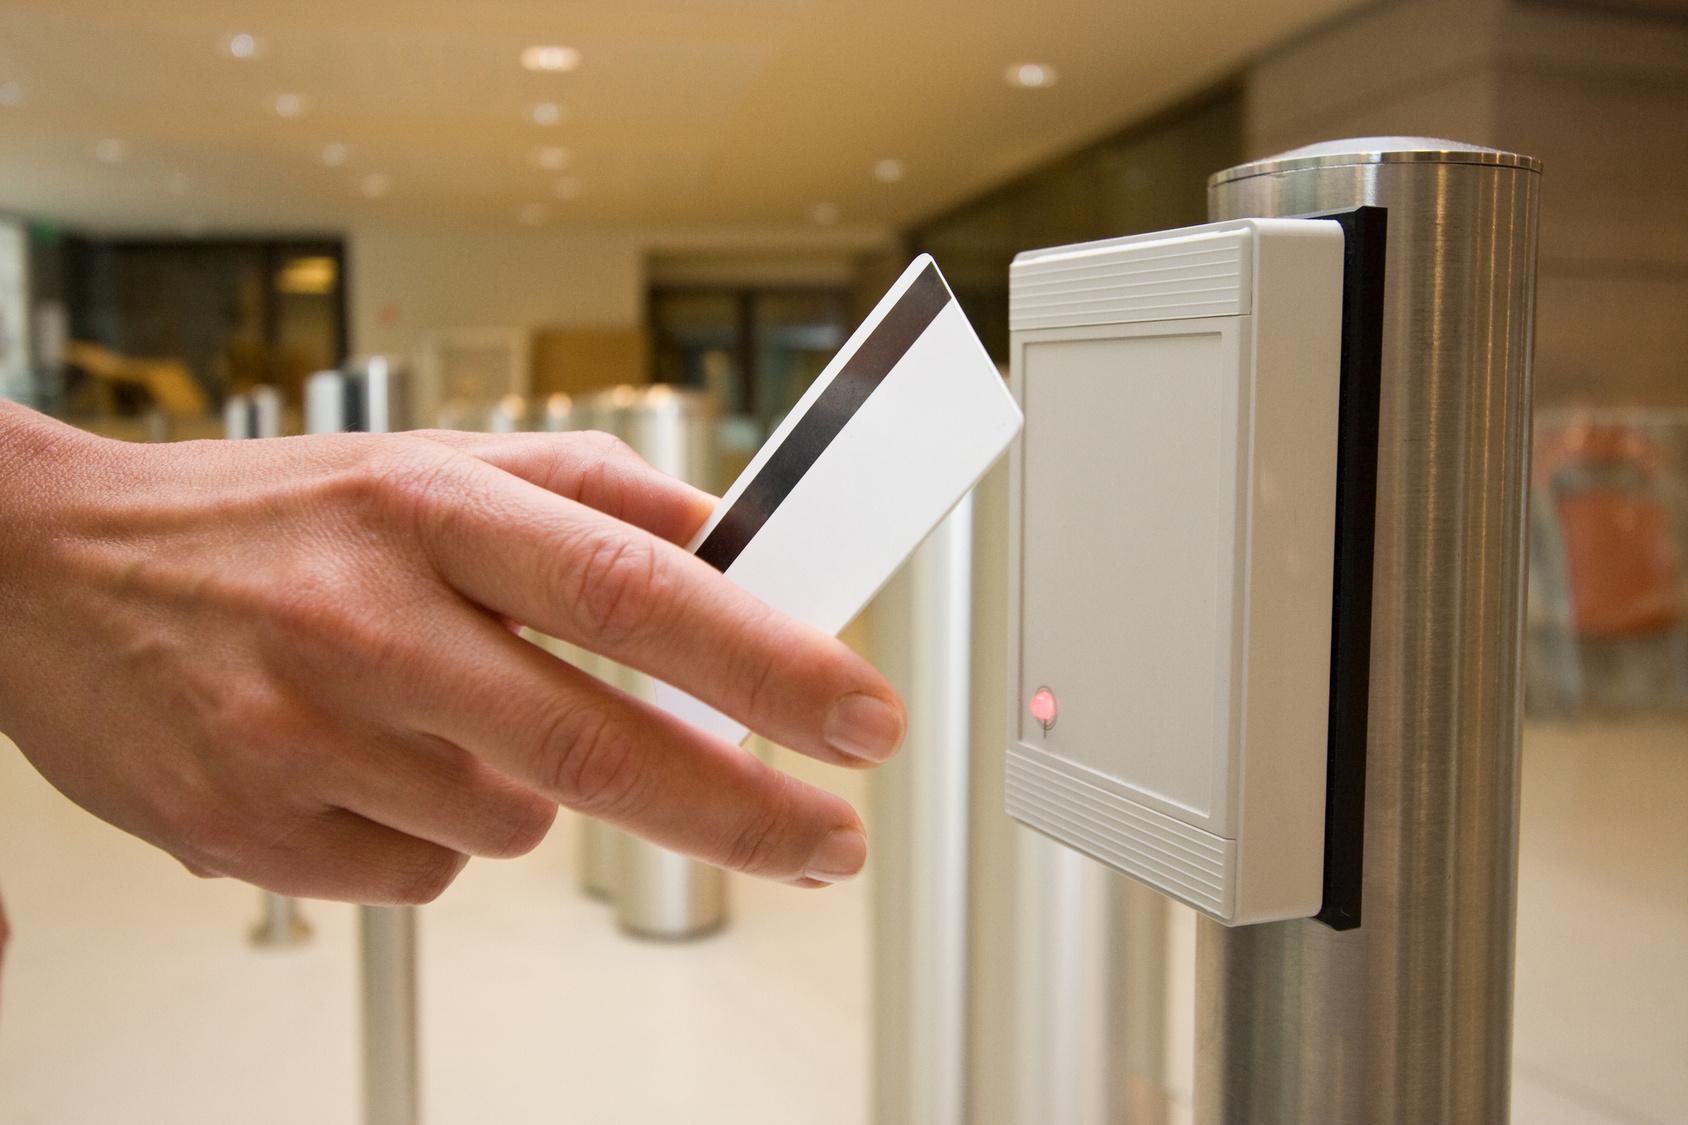 Вставлення систем контролю доступу